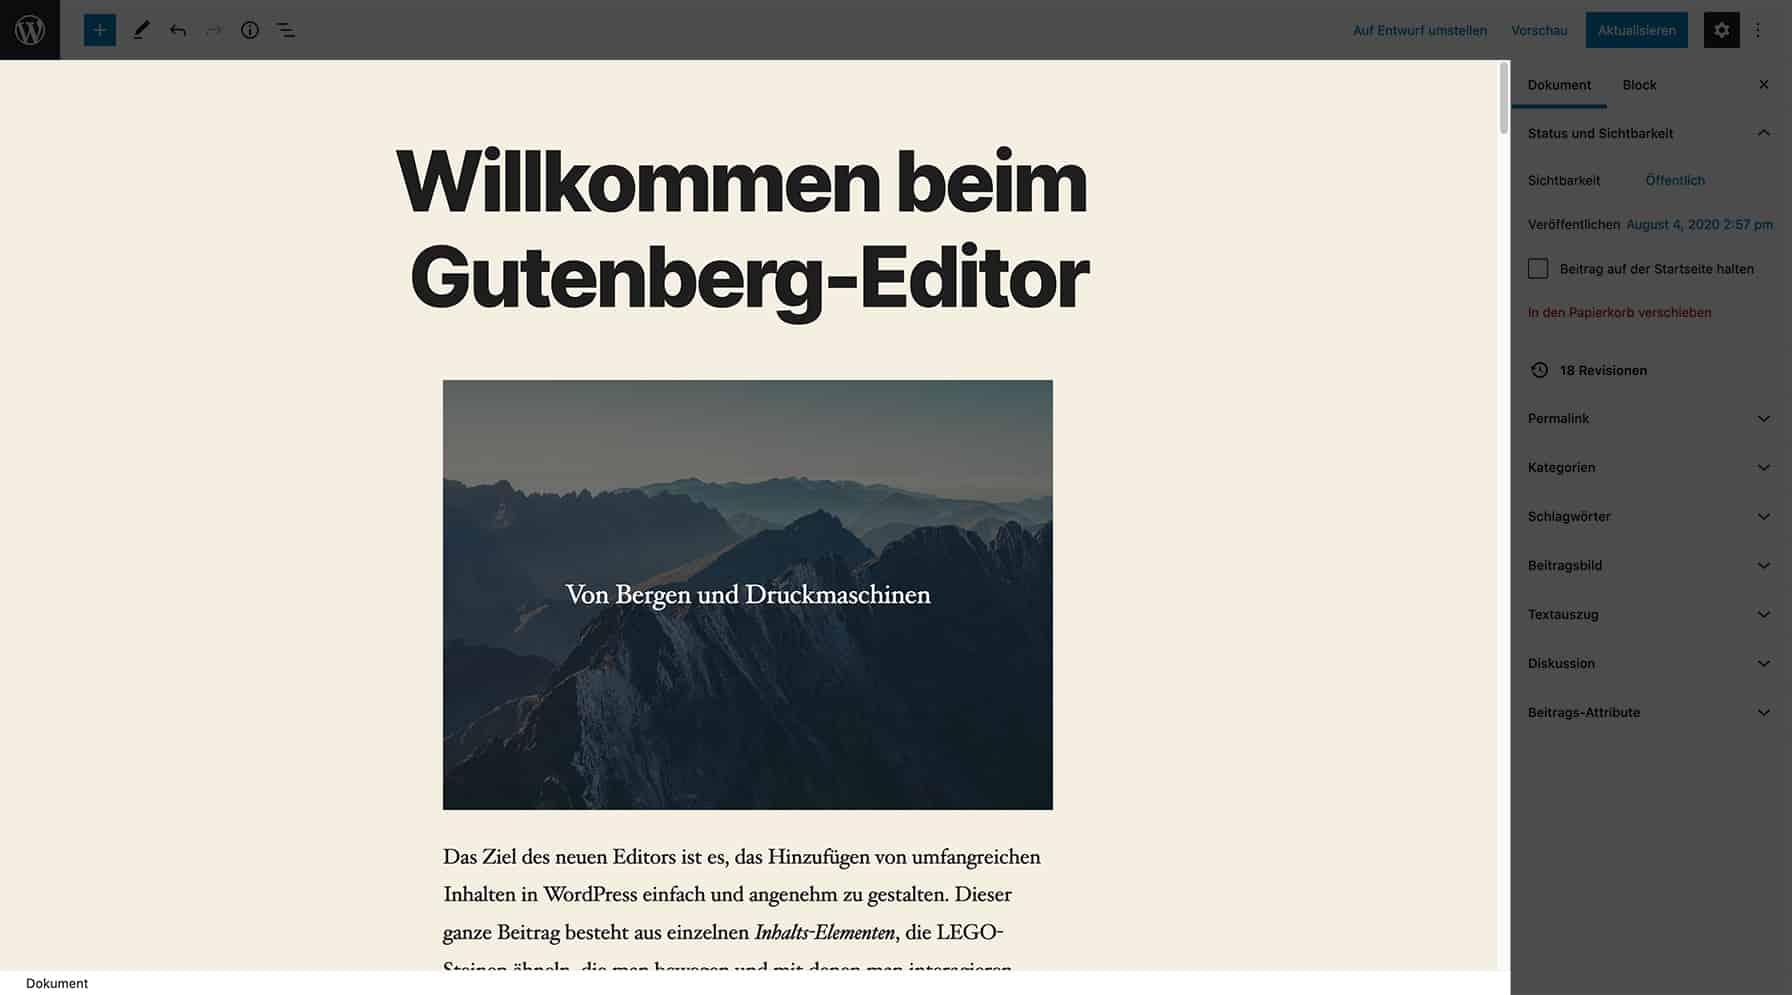 Screenshot des neuen WordPress Block-Editors. Der Inhaltsbereich ist hervorgehoben.